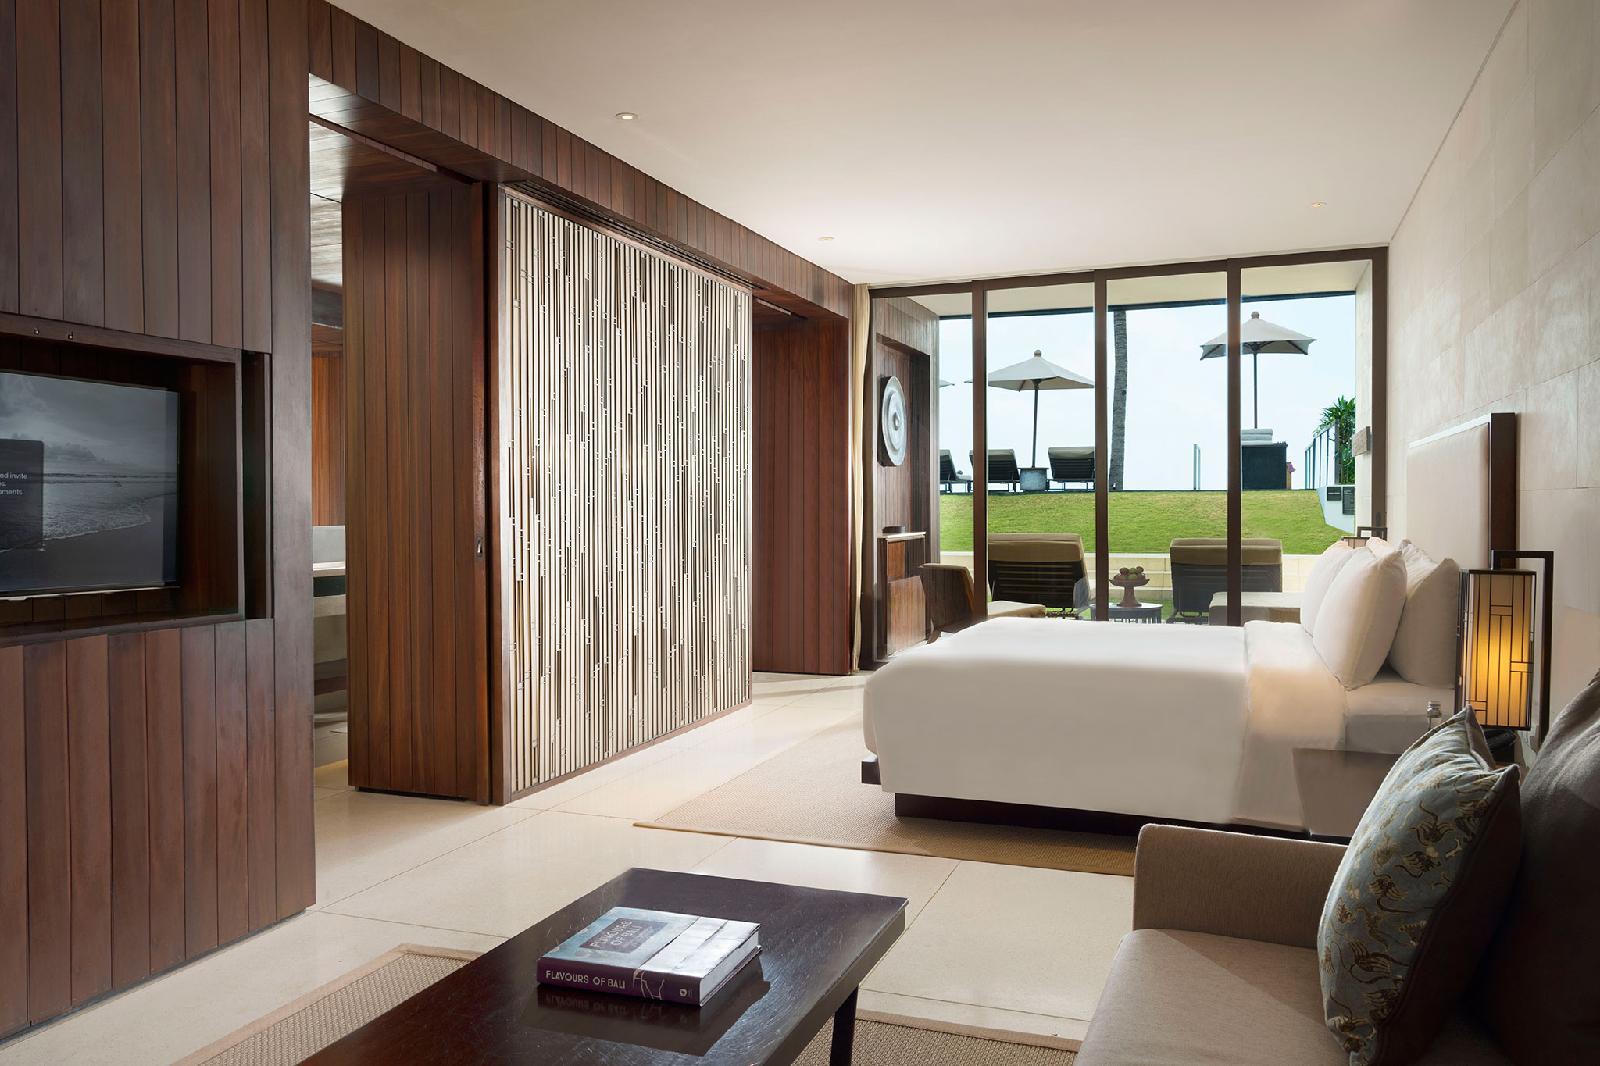 Alila Seminyak Bali Image 3